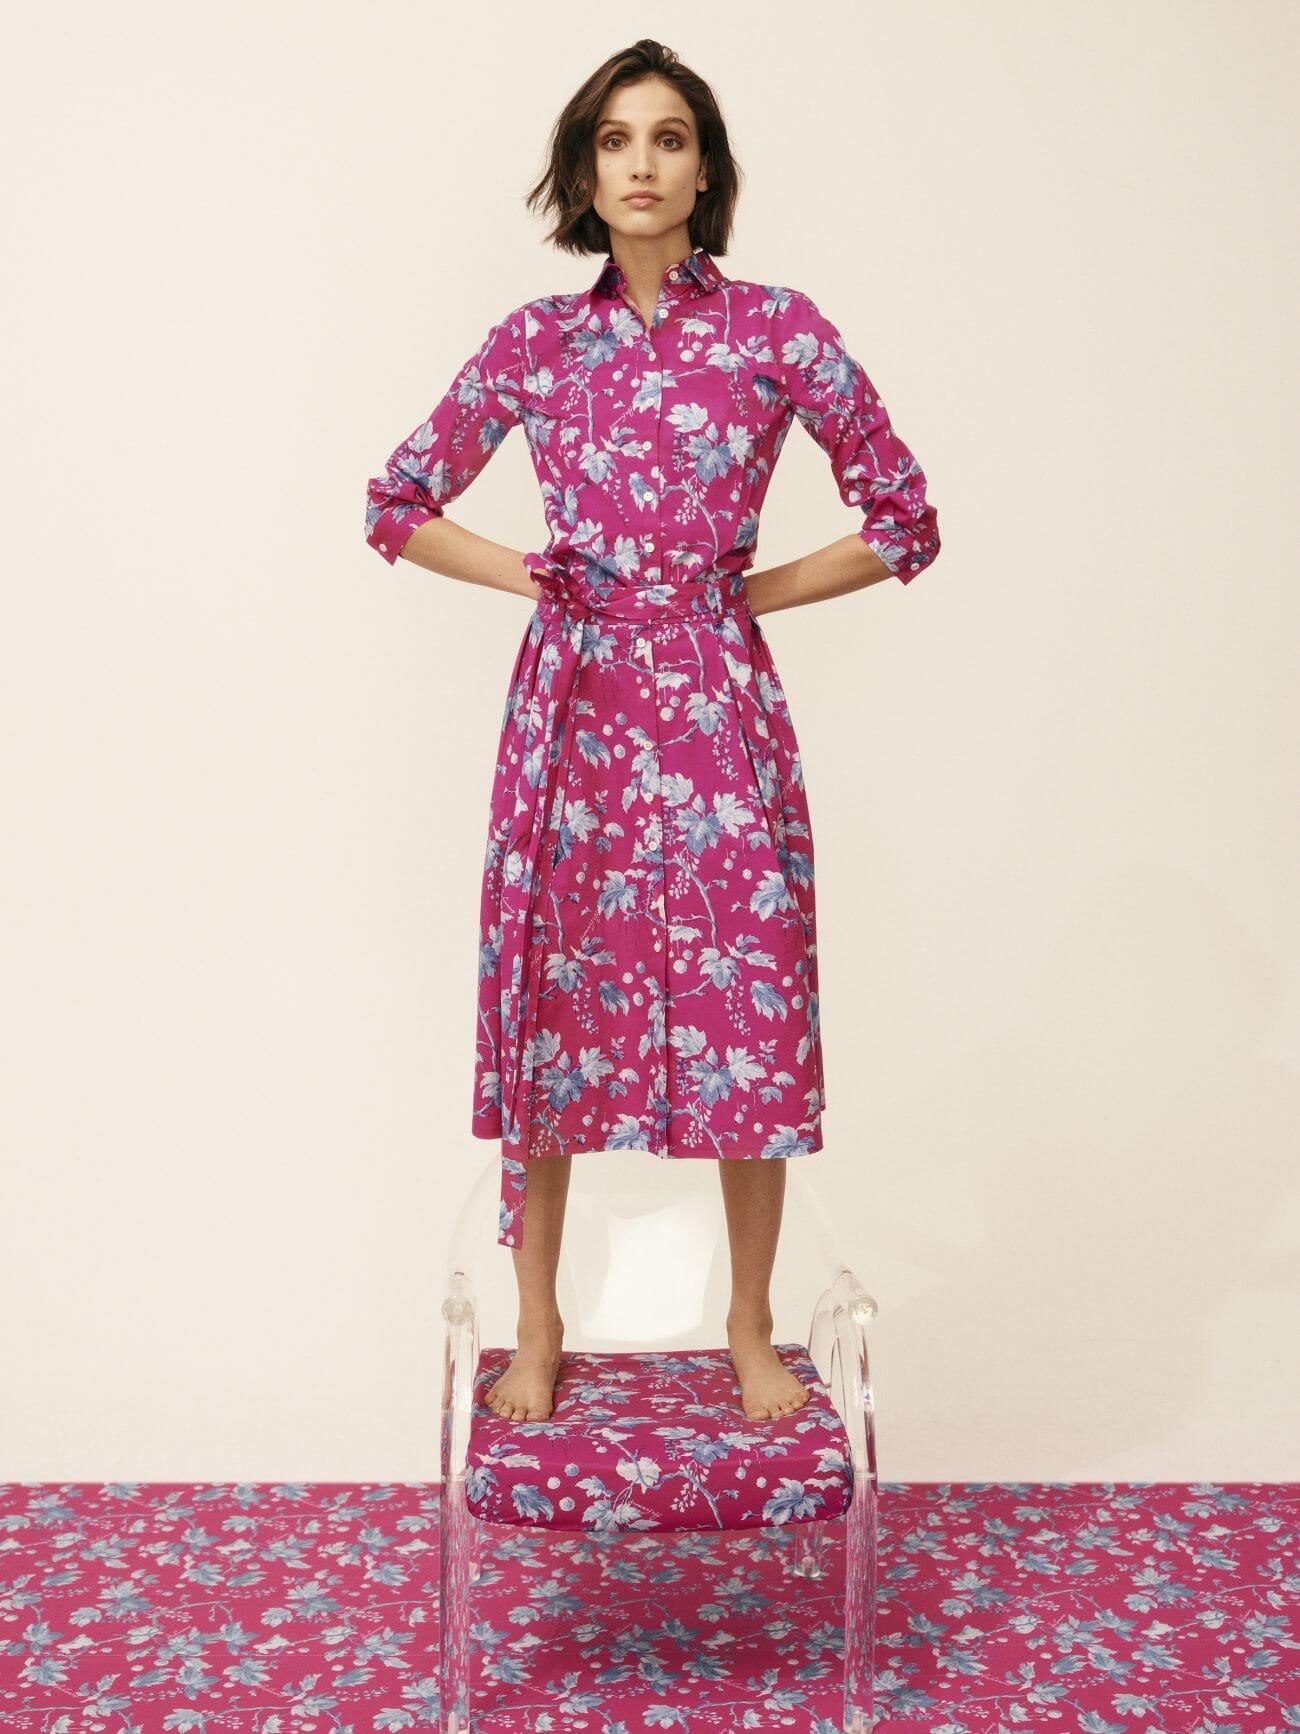 carolina herrera new york модель в розовом платье с цветами